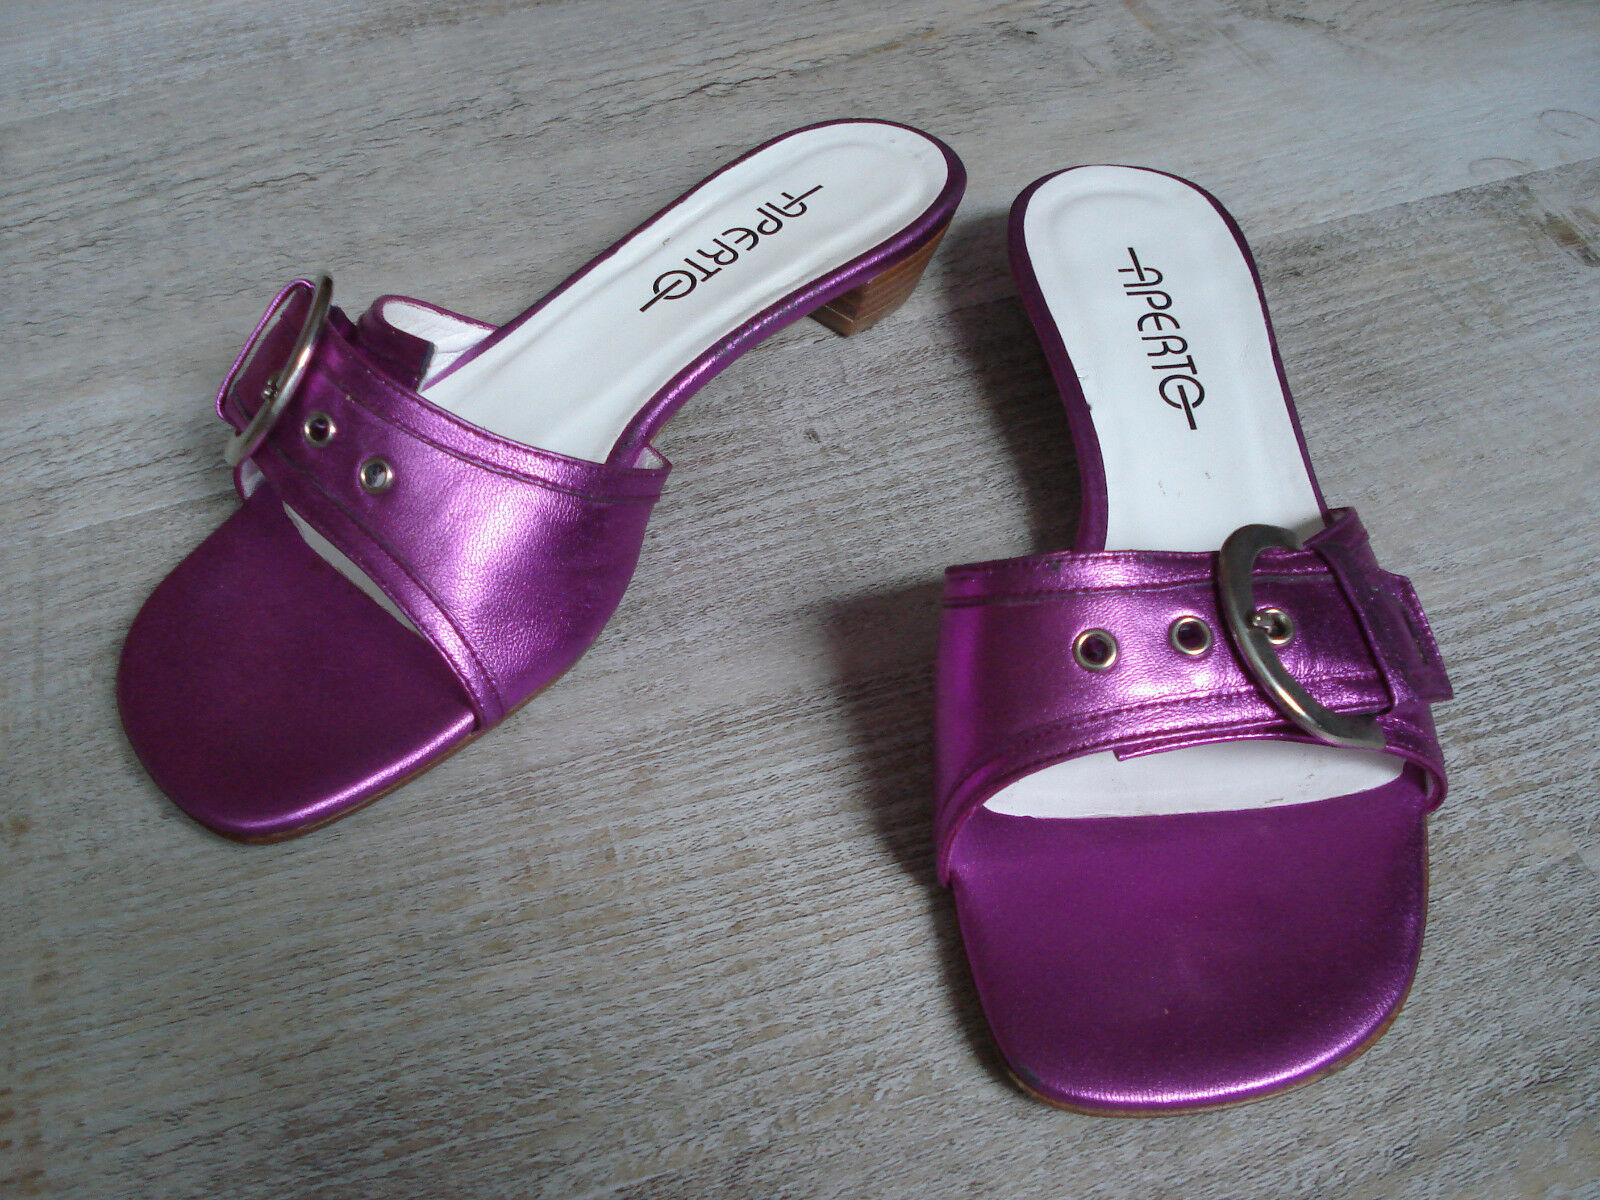 Sandaleette von APERTO, 36,5, Schnalle, pink / fuchsia, RAR